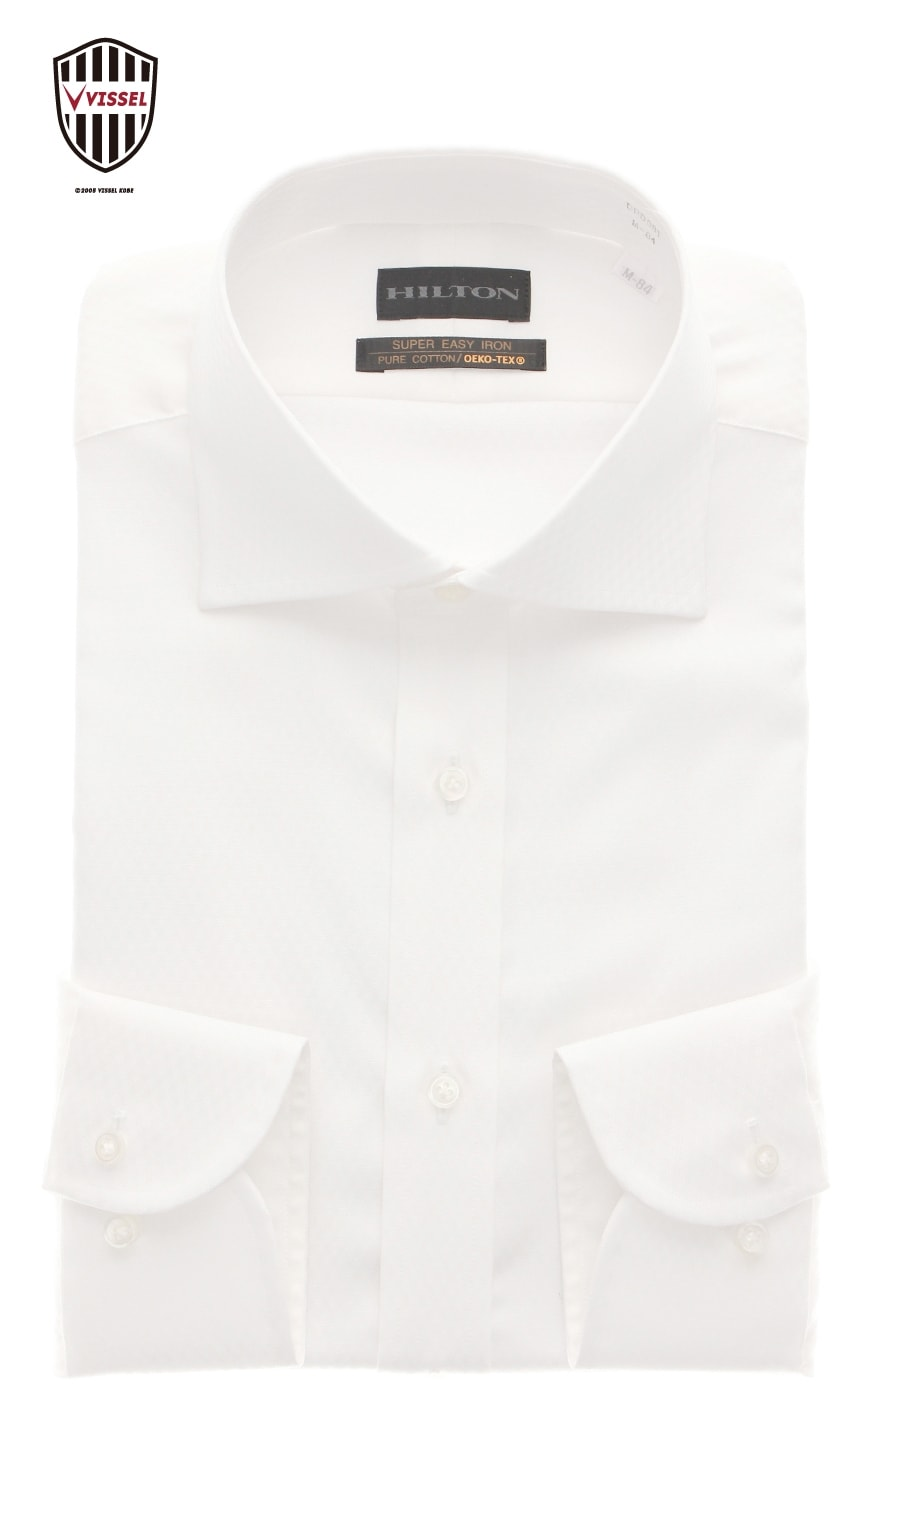 ワイドカラースタイリッシュワイシャツヴィッセル神戸レプリカモデルHILTON